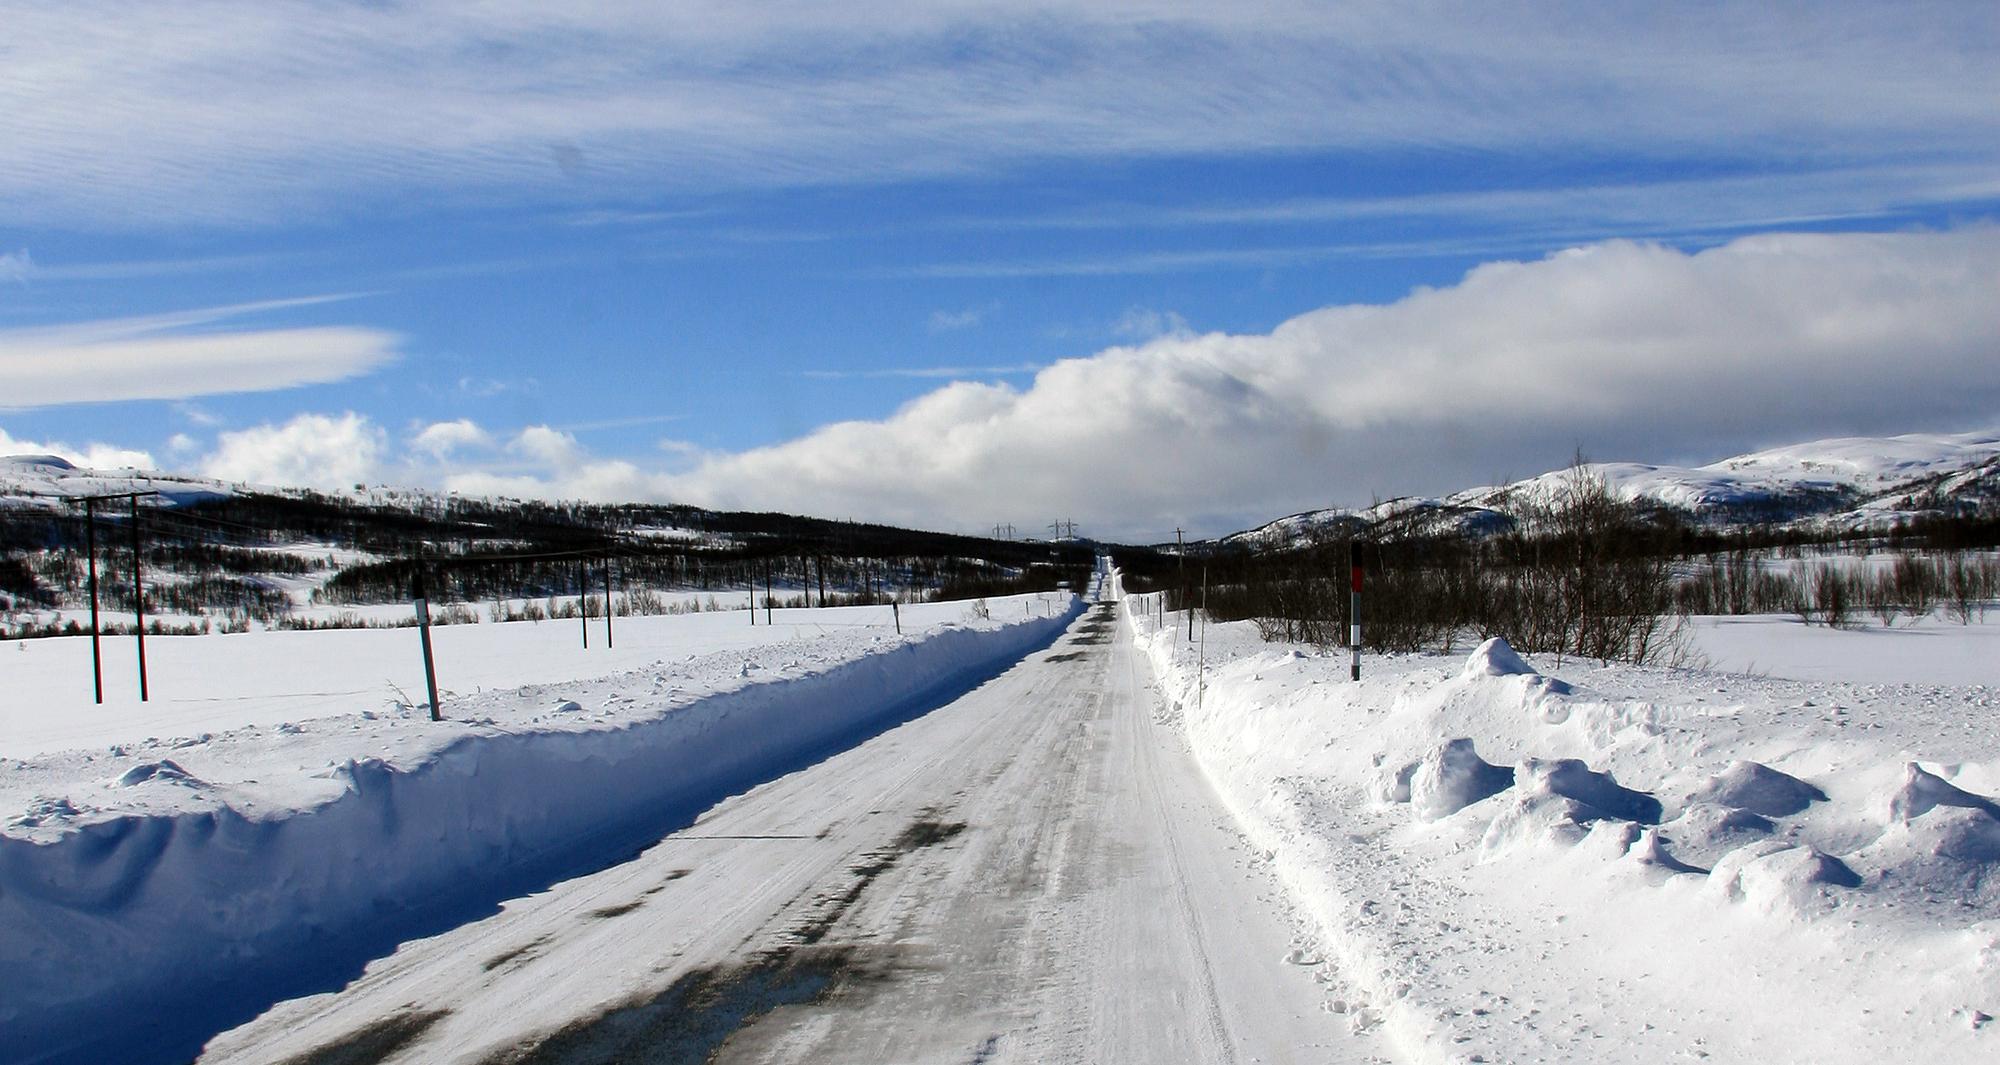 Vinterbrøyting kan få store konsekvenser for villreinen. Illustrasjonsfoto: Anders Mossing